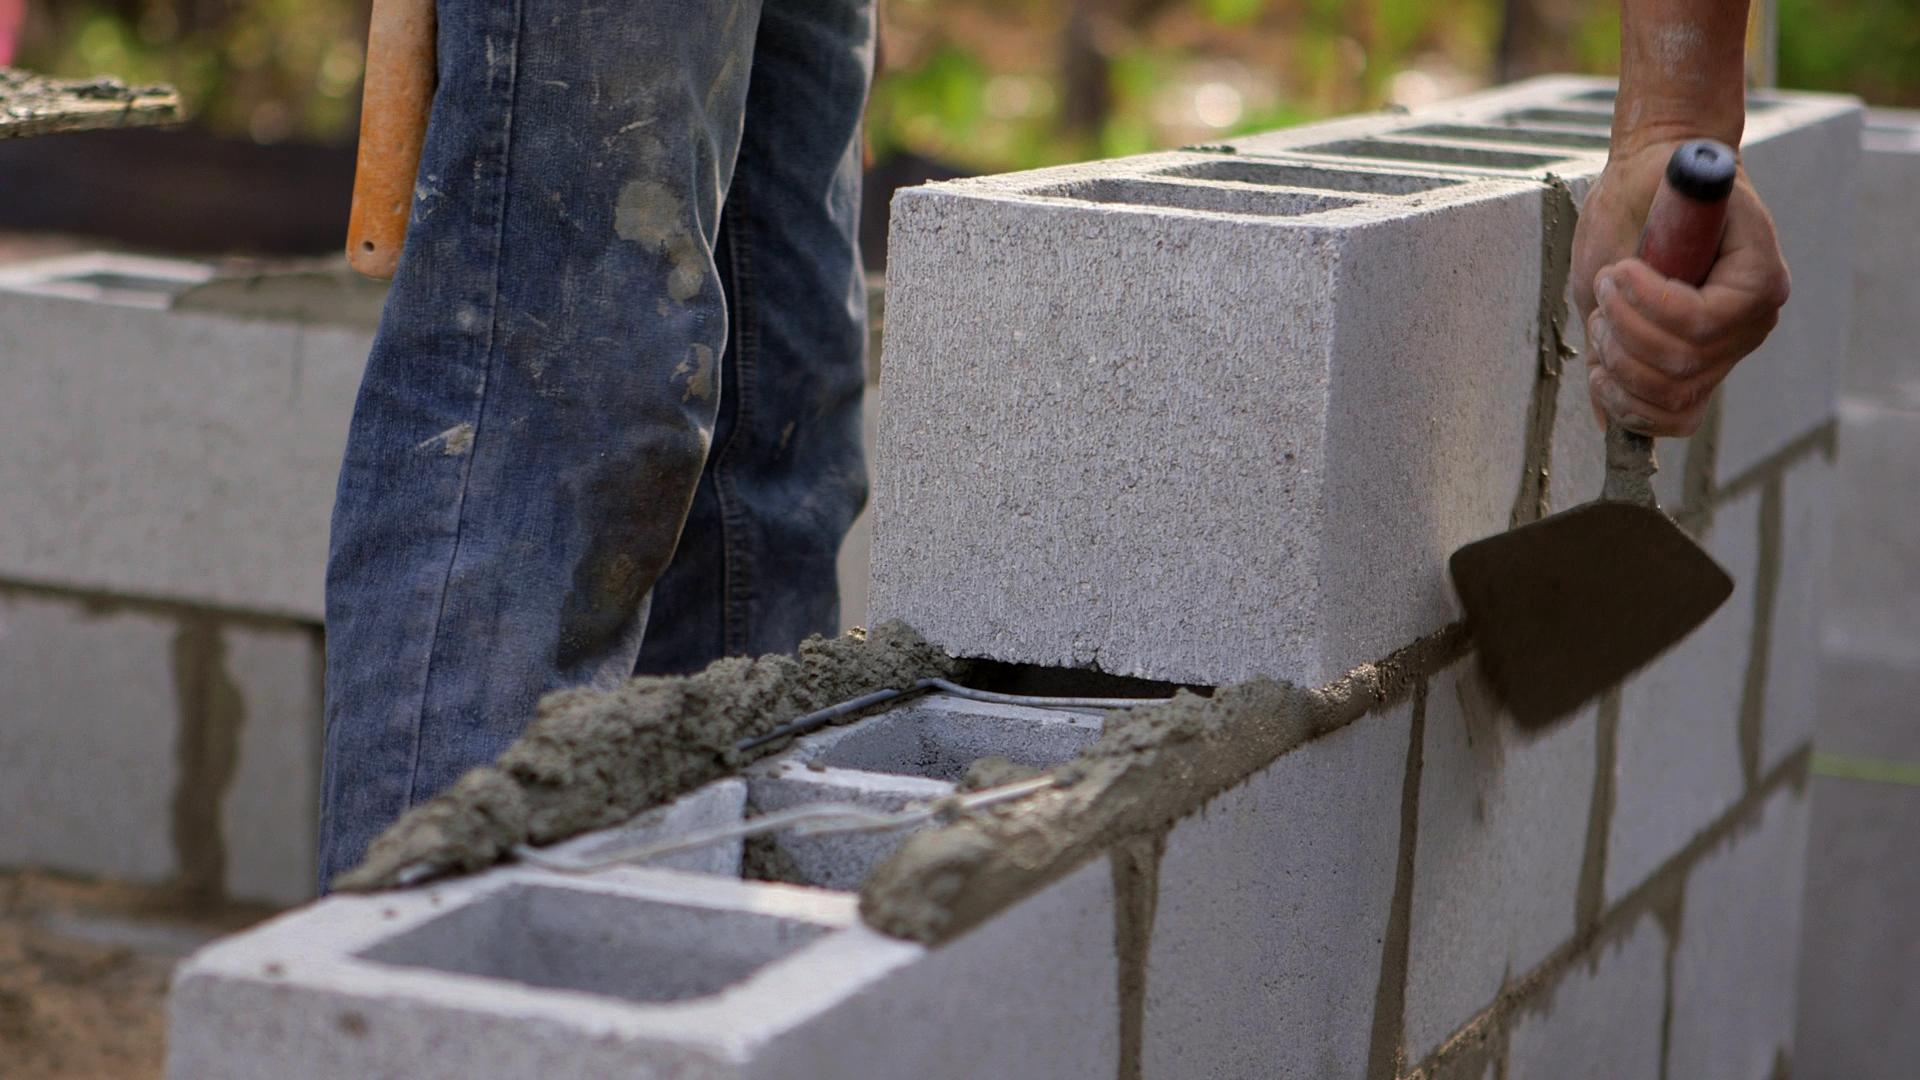 How to Repair Cinder Block Mortar Joints | Hunker